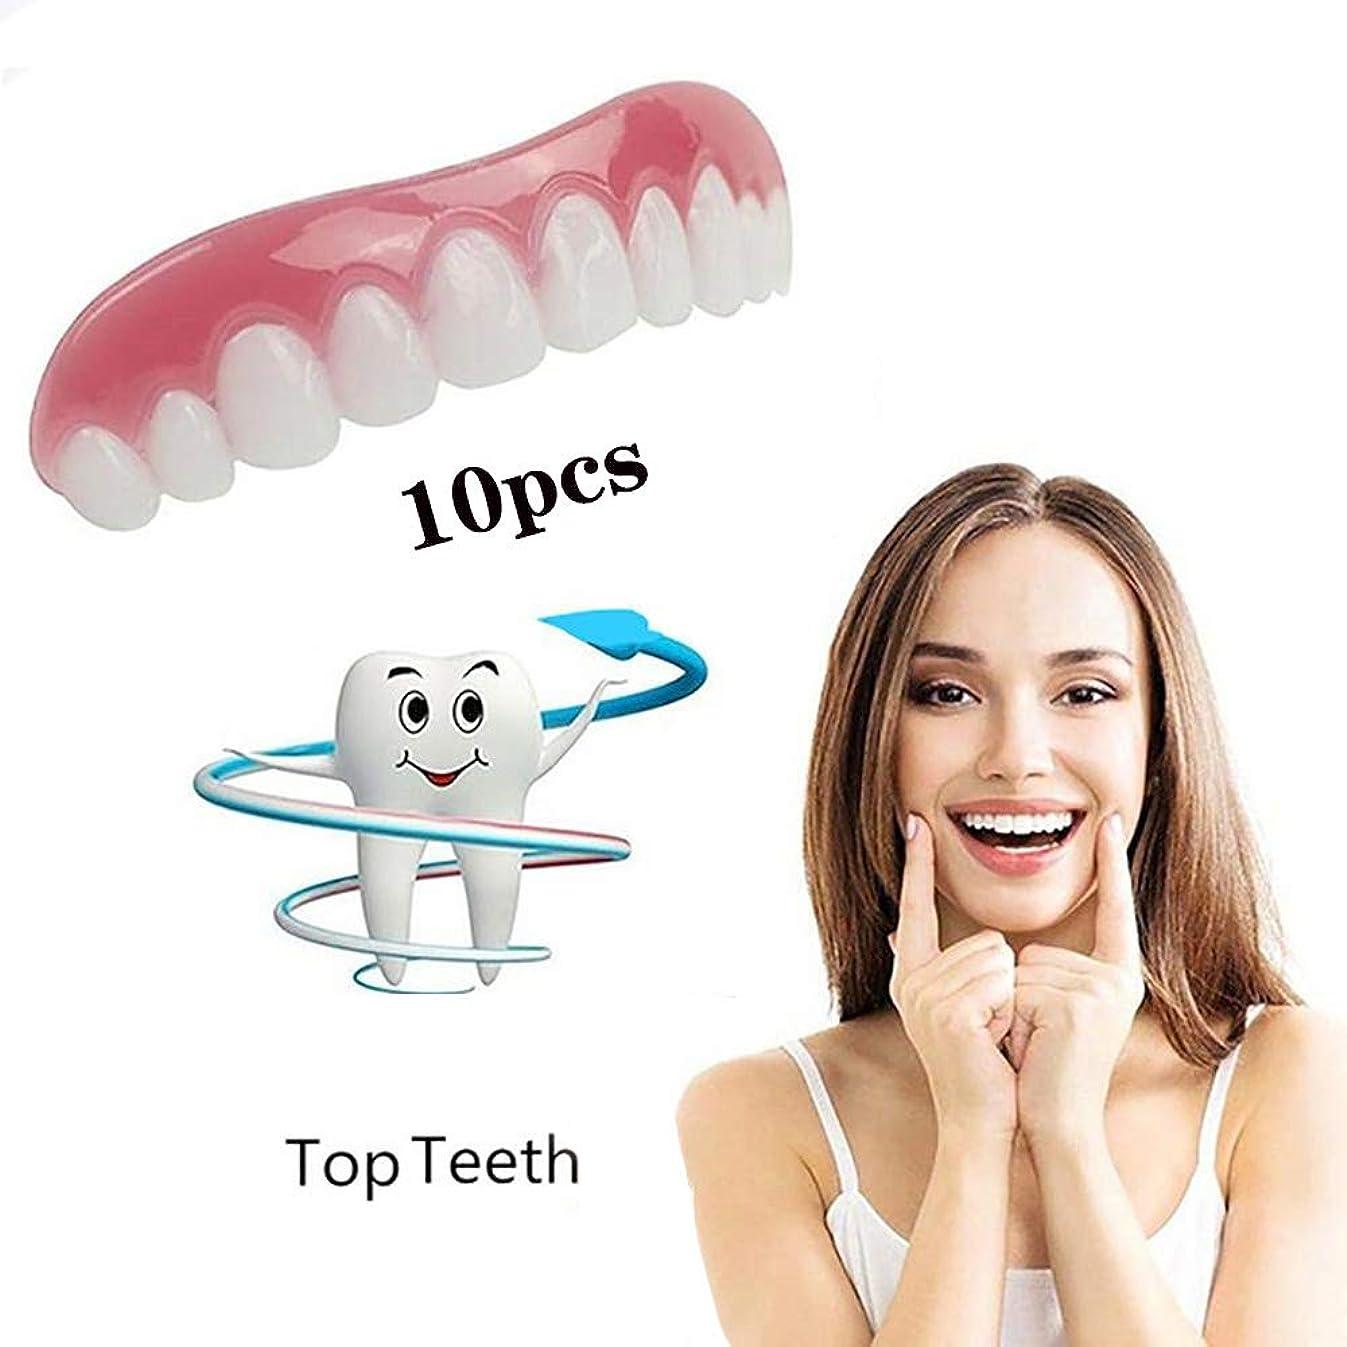 有料句フォーマル10個偽の歯アッパー偽の偽の歯カバースナップオン即時の歯の化粧品義歯のケアオーラルケアシリコーンホワイトニング義歯